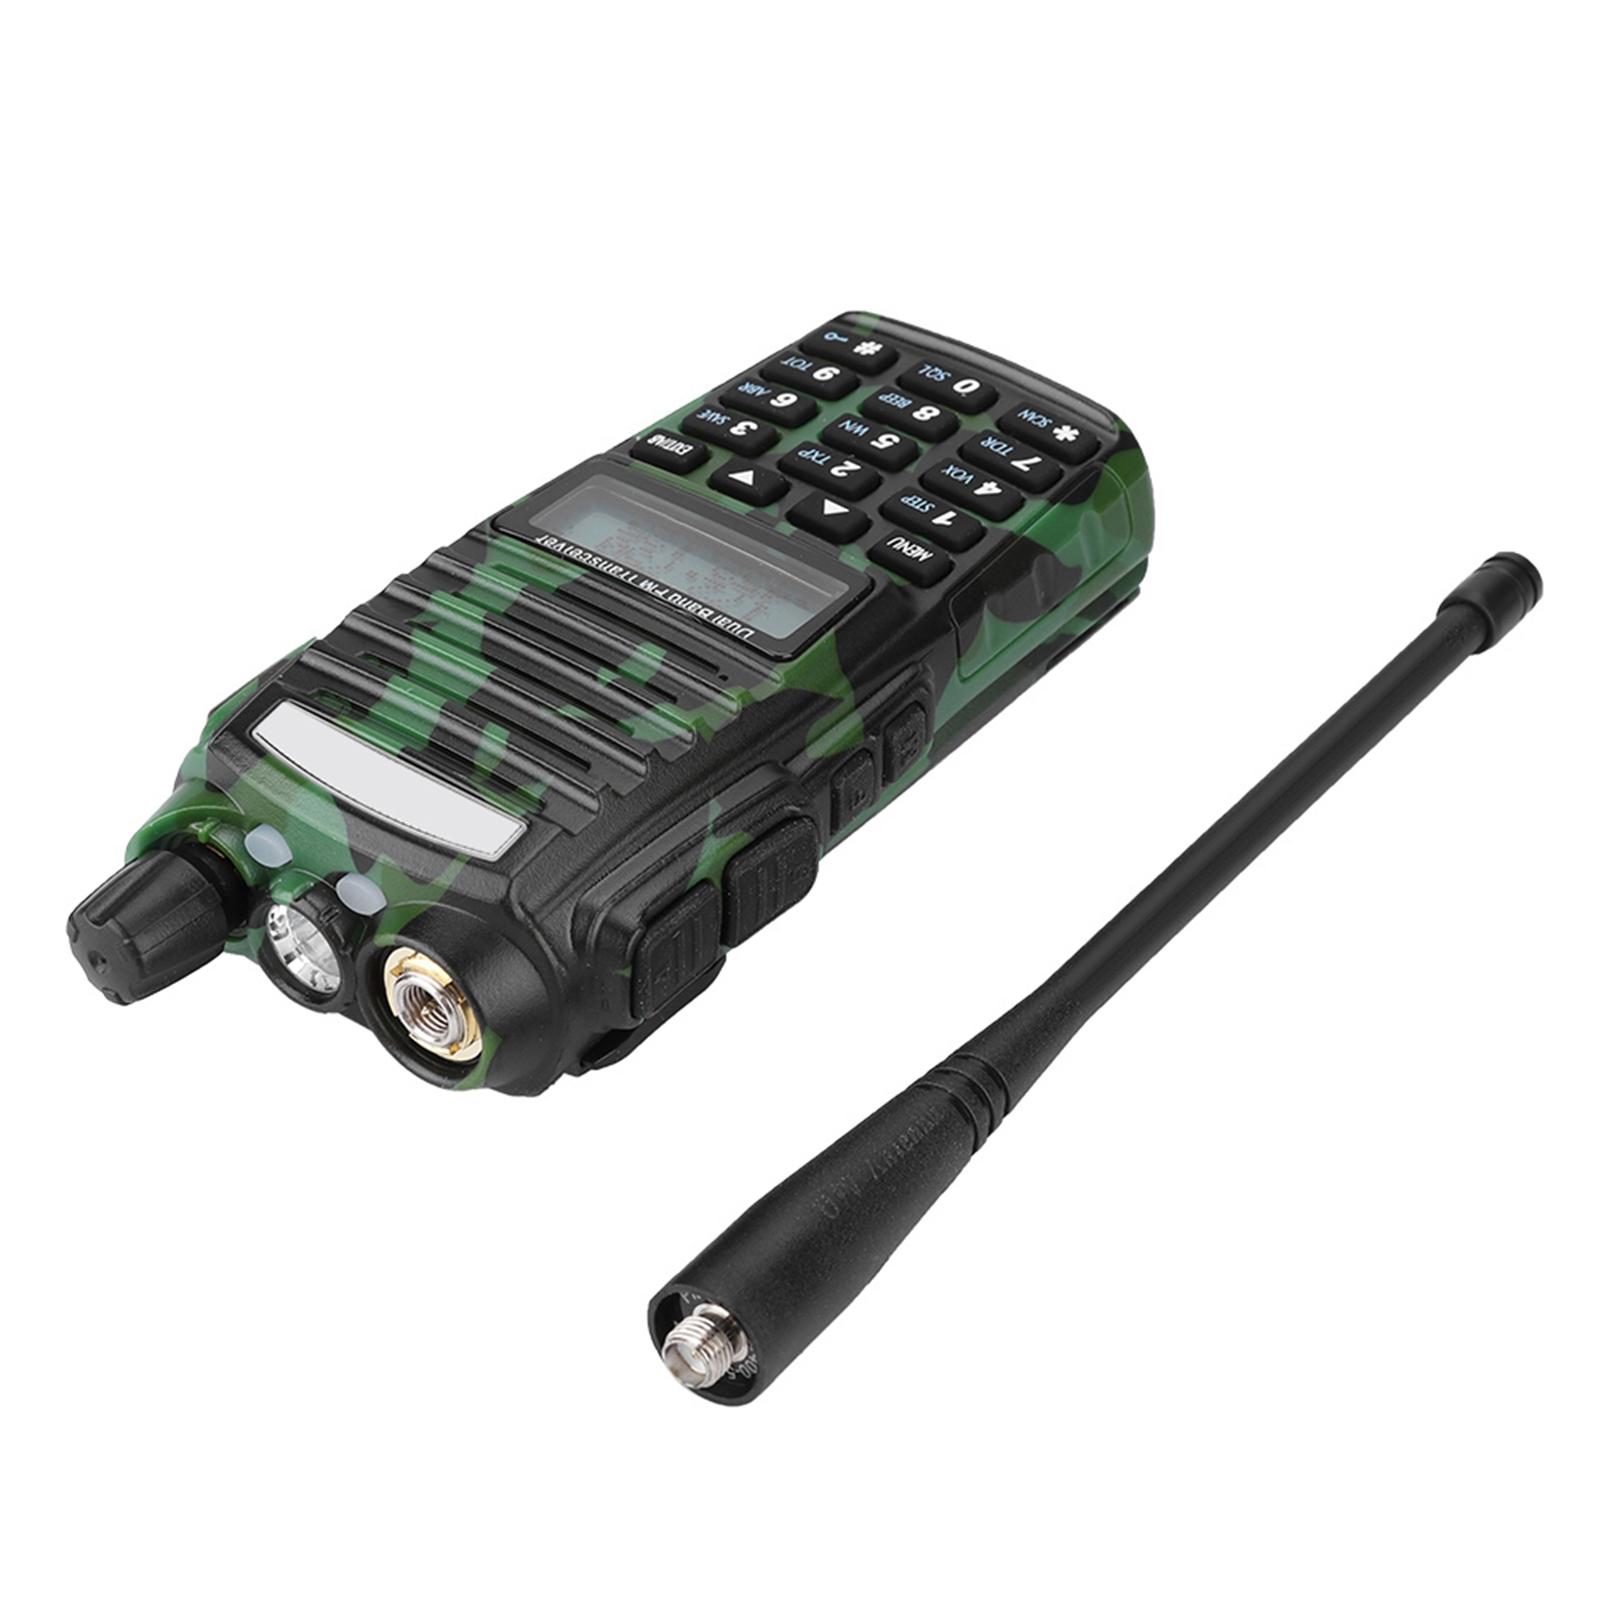 UHF-VHF-Dual-Band-Walkie-Talkie-Intercom-Radio-for-Baofeng-UV-82-UV9R-UV9R-Plus thumbnail 15